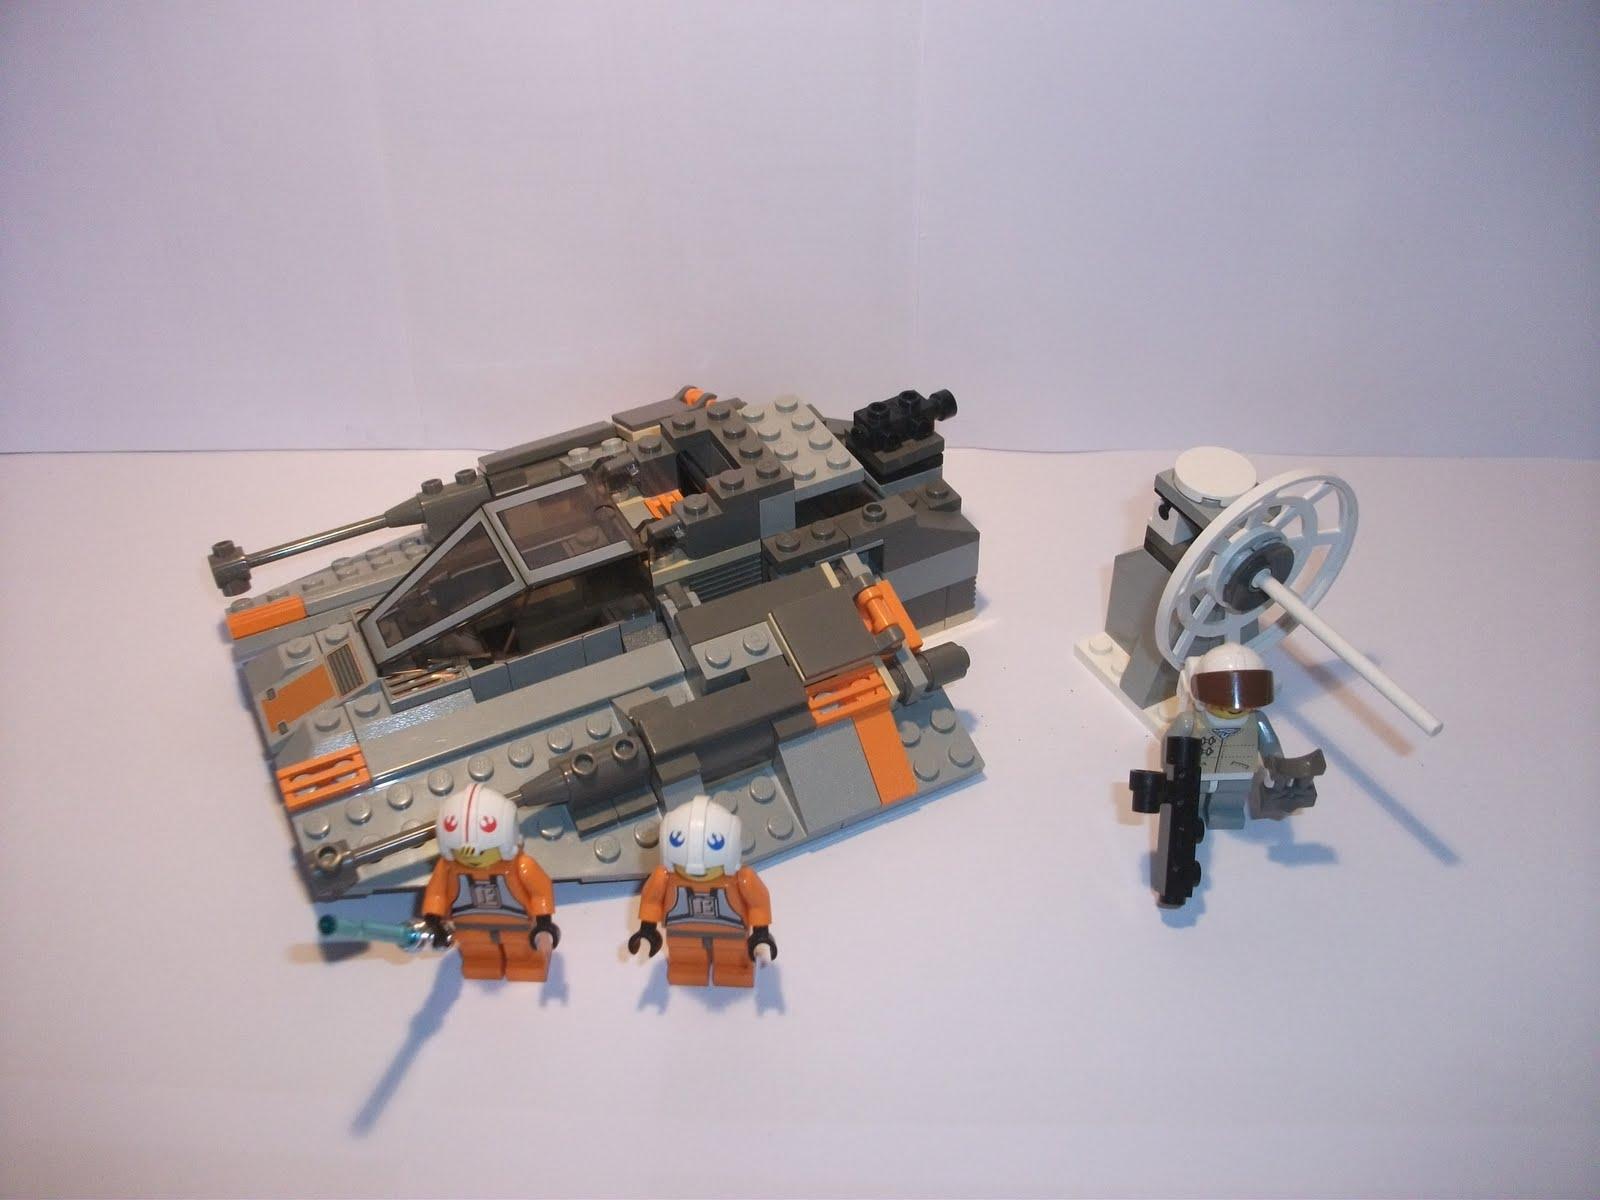 Lego star wars 7130 snowspeeder - Lego star wars tb tt ...